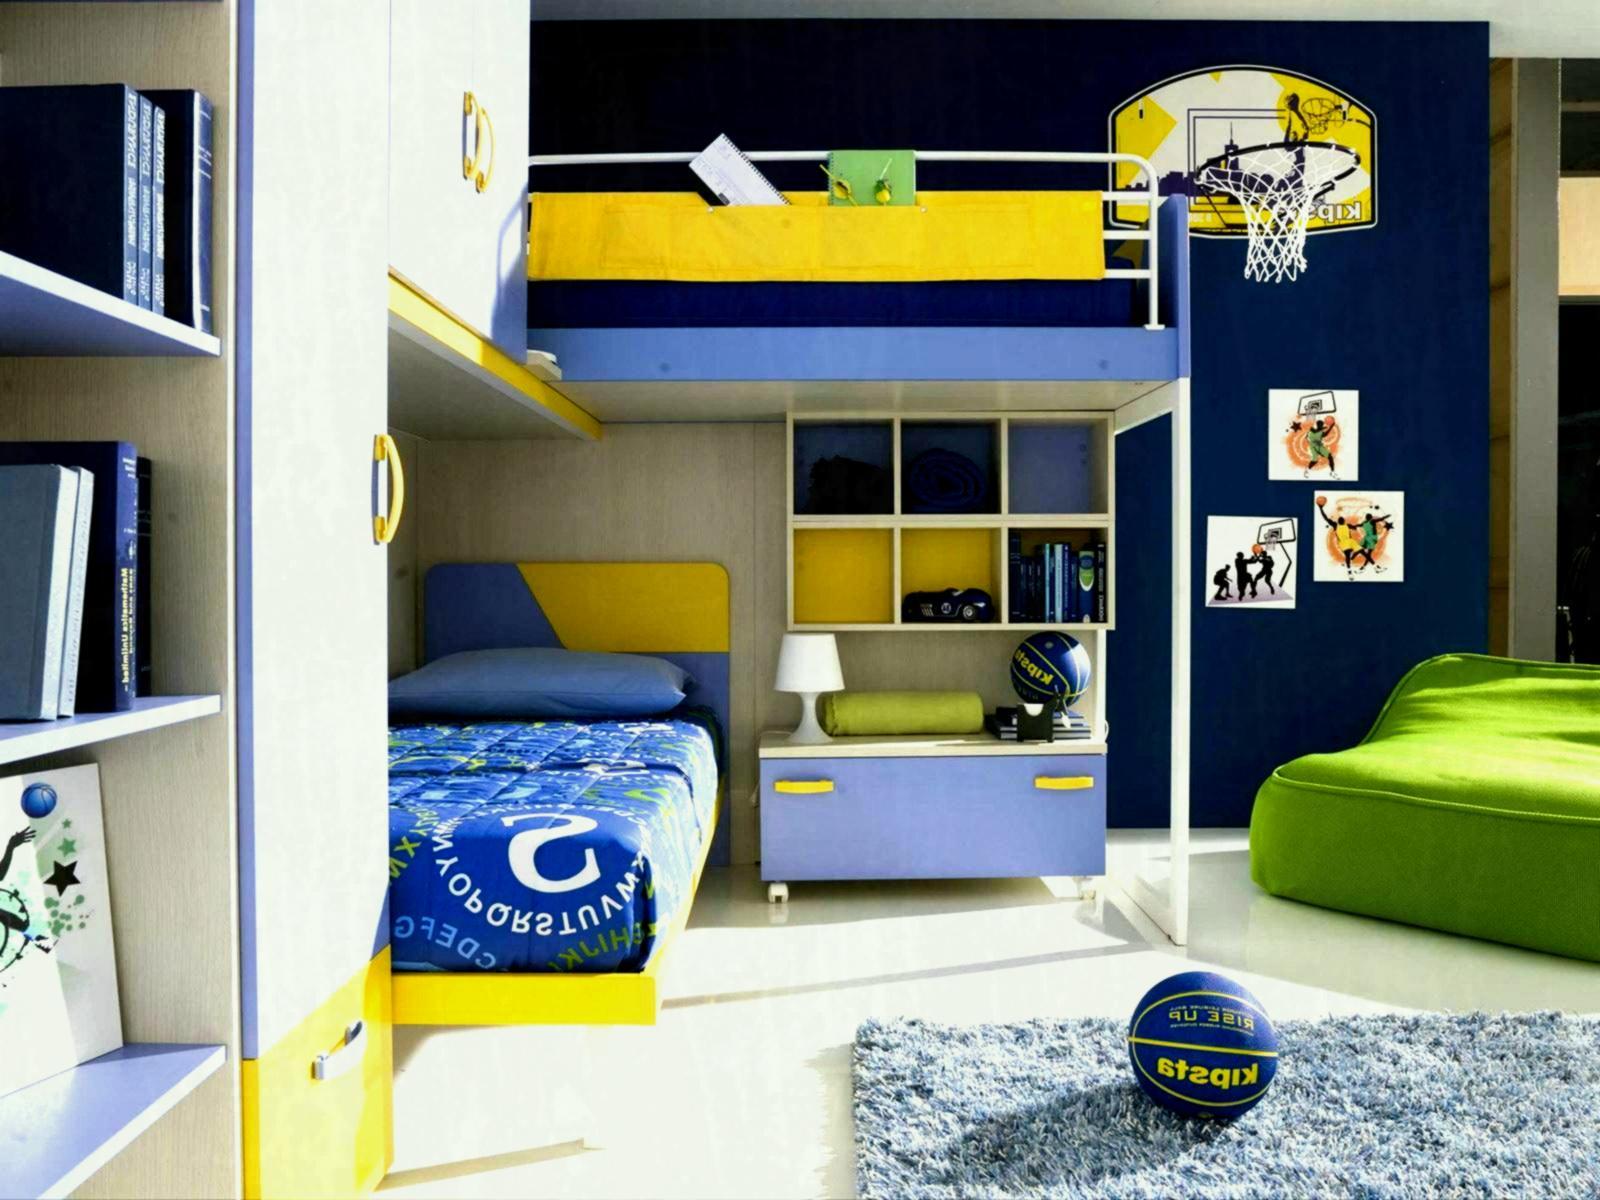 Bedroom clipart childrens bedroom bedroom. Fresh image of bed